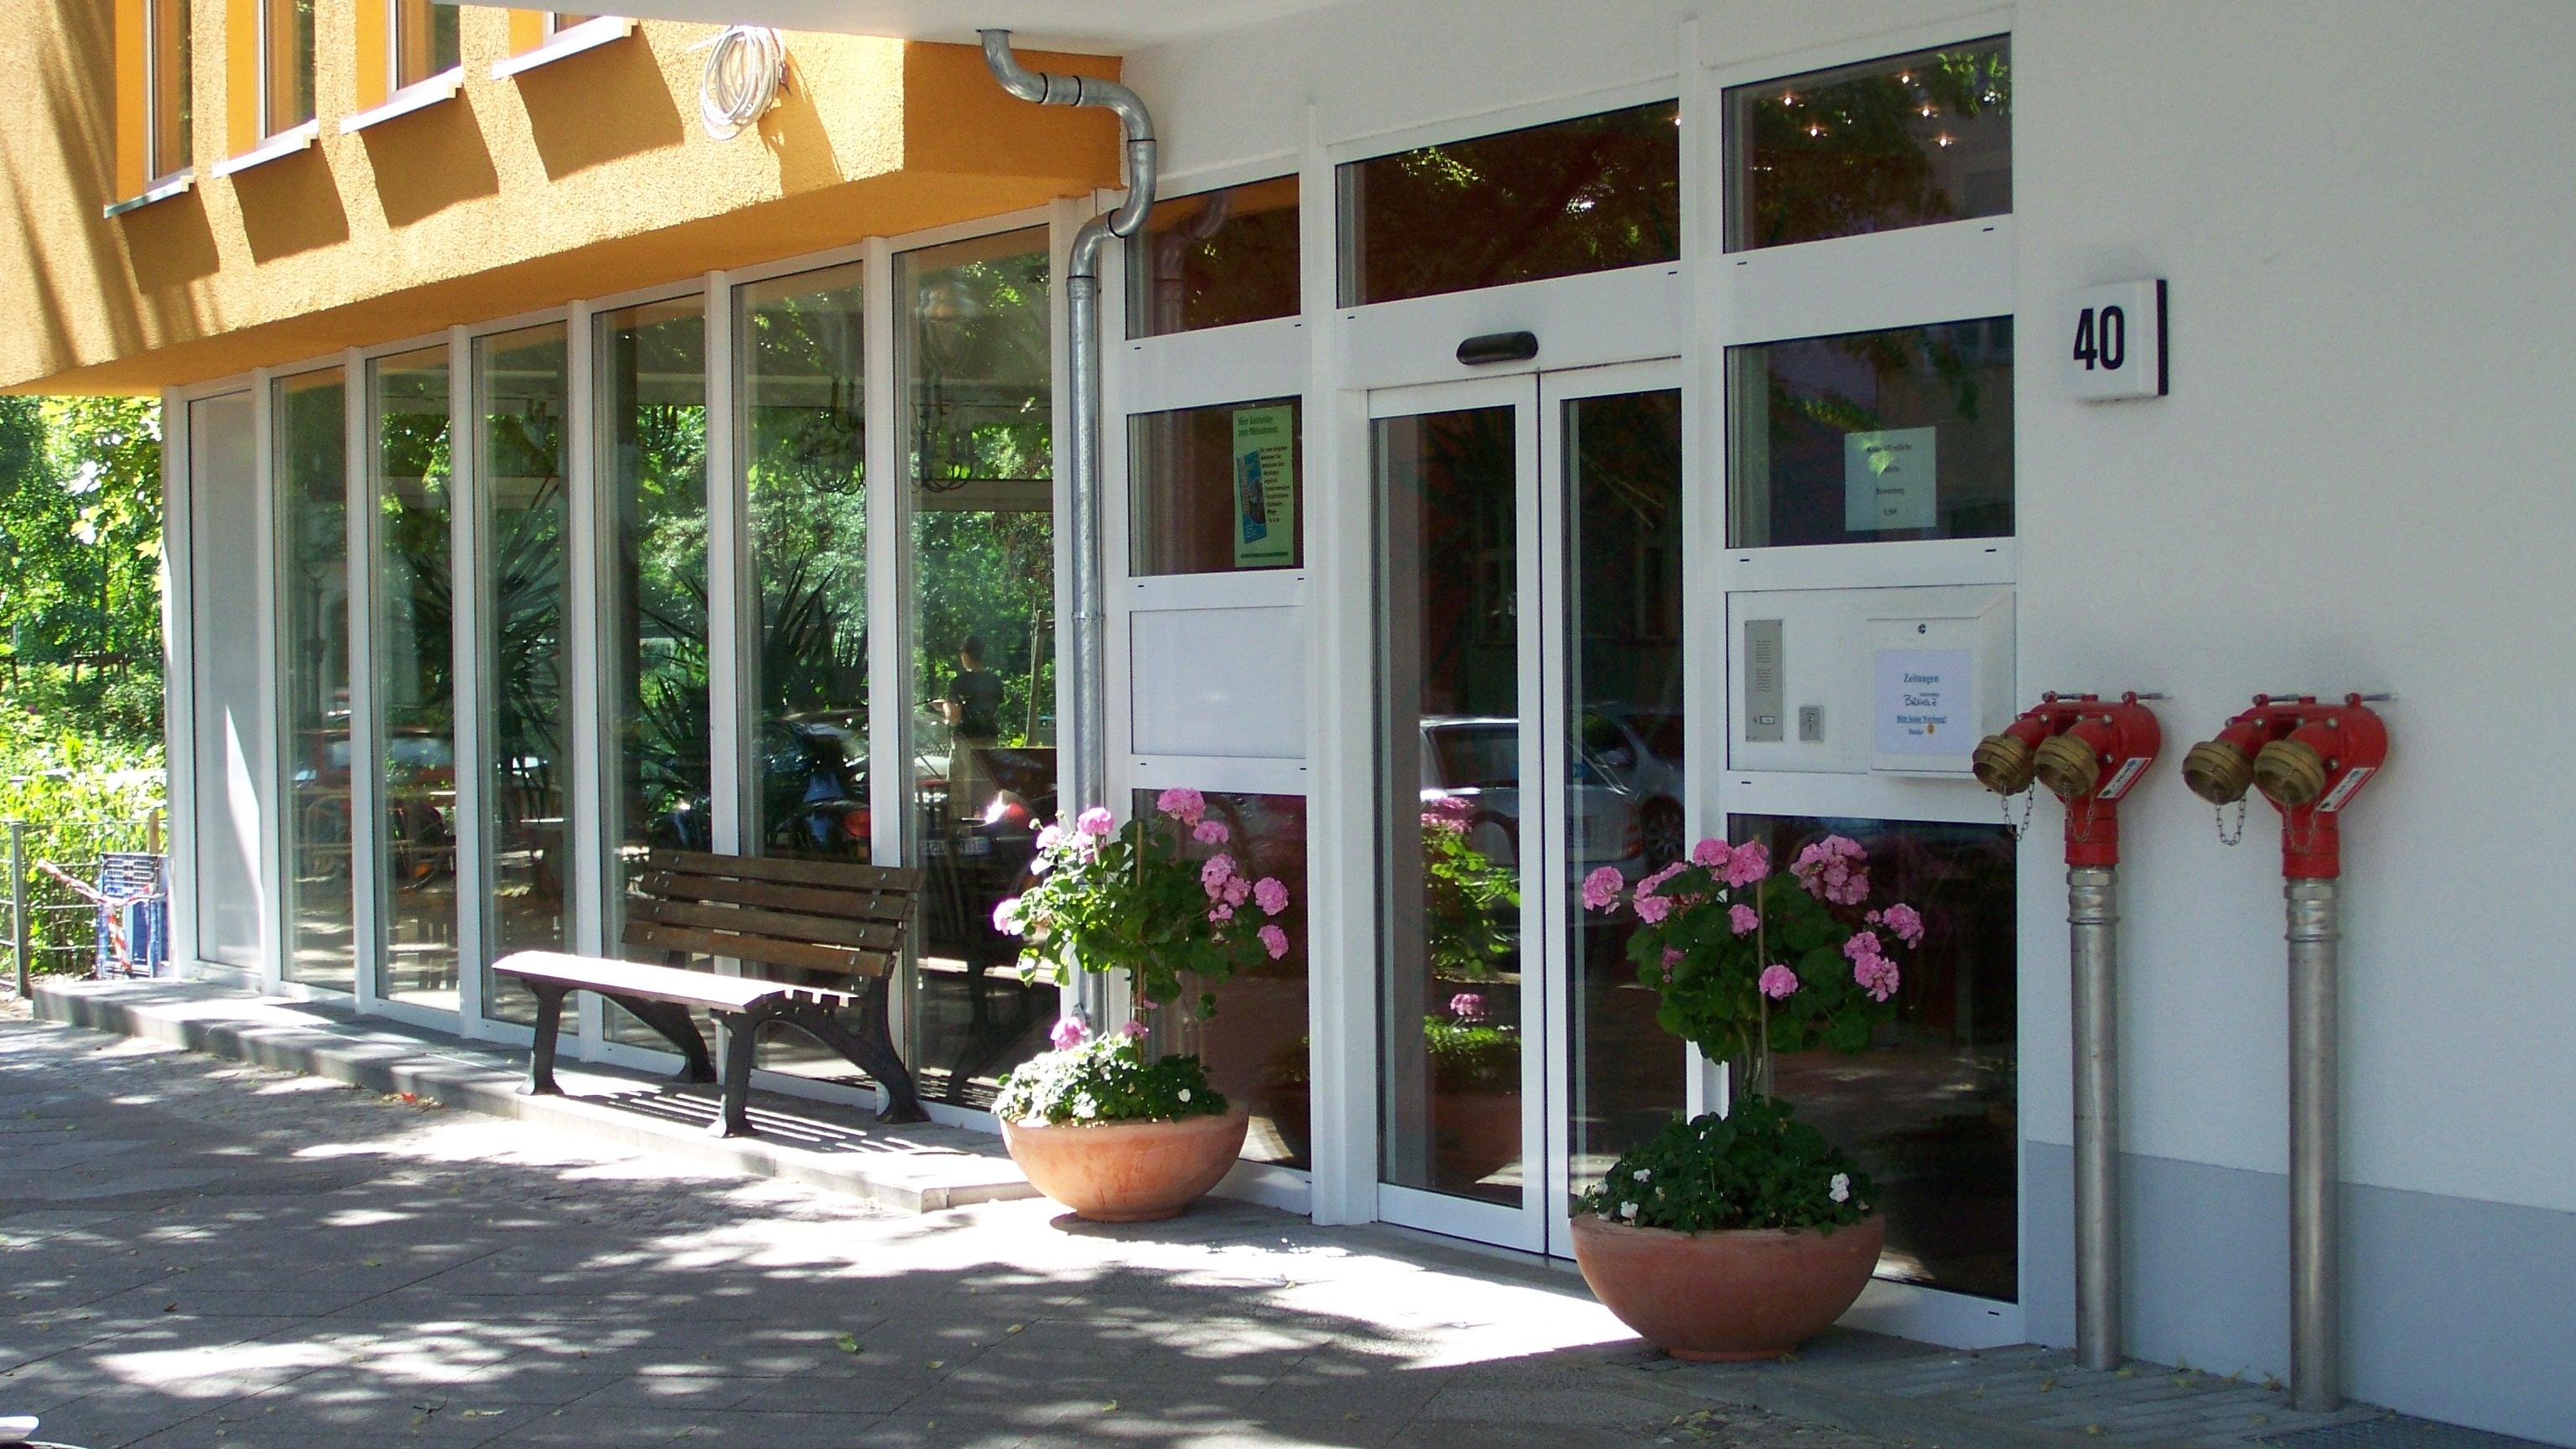 Seniorenpflege Birkholz Betriebs GmbH - Haus Birkholz